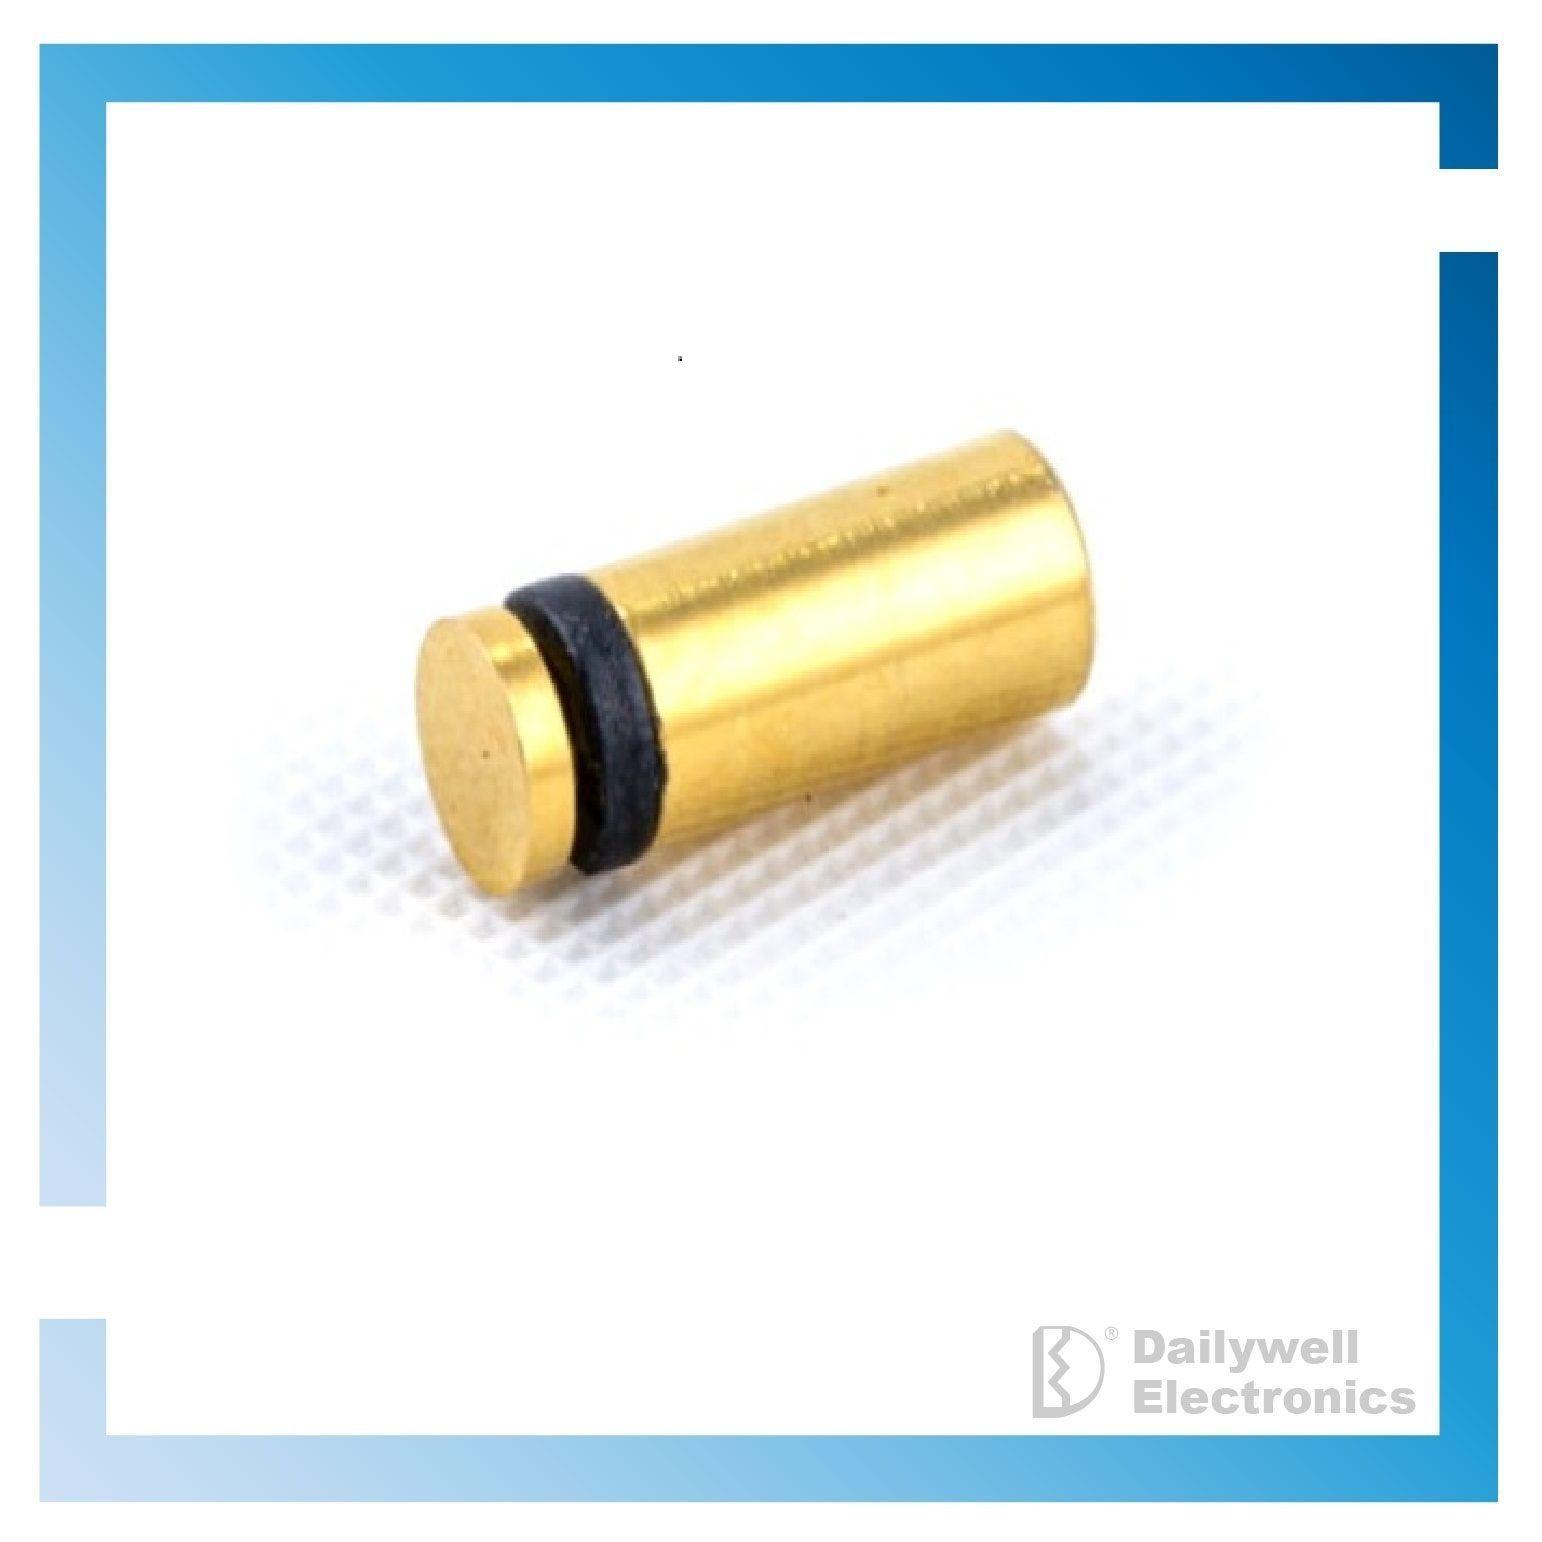 角度感应开关-RBS020902T